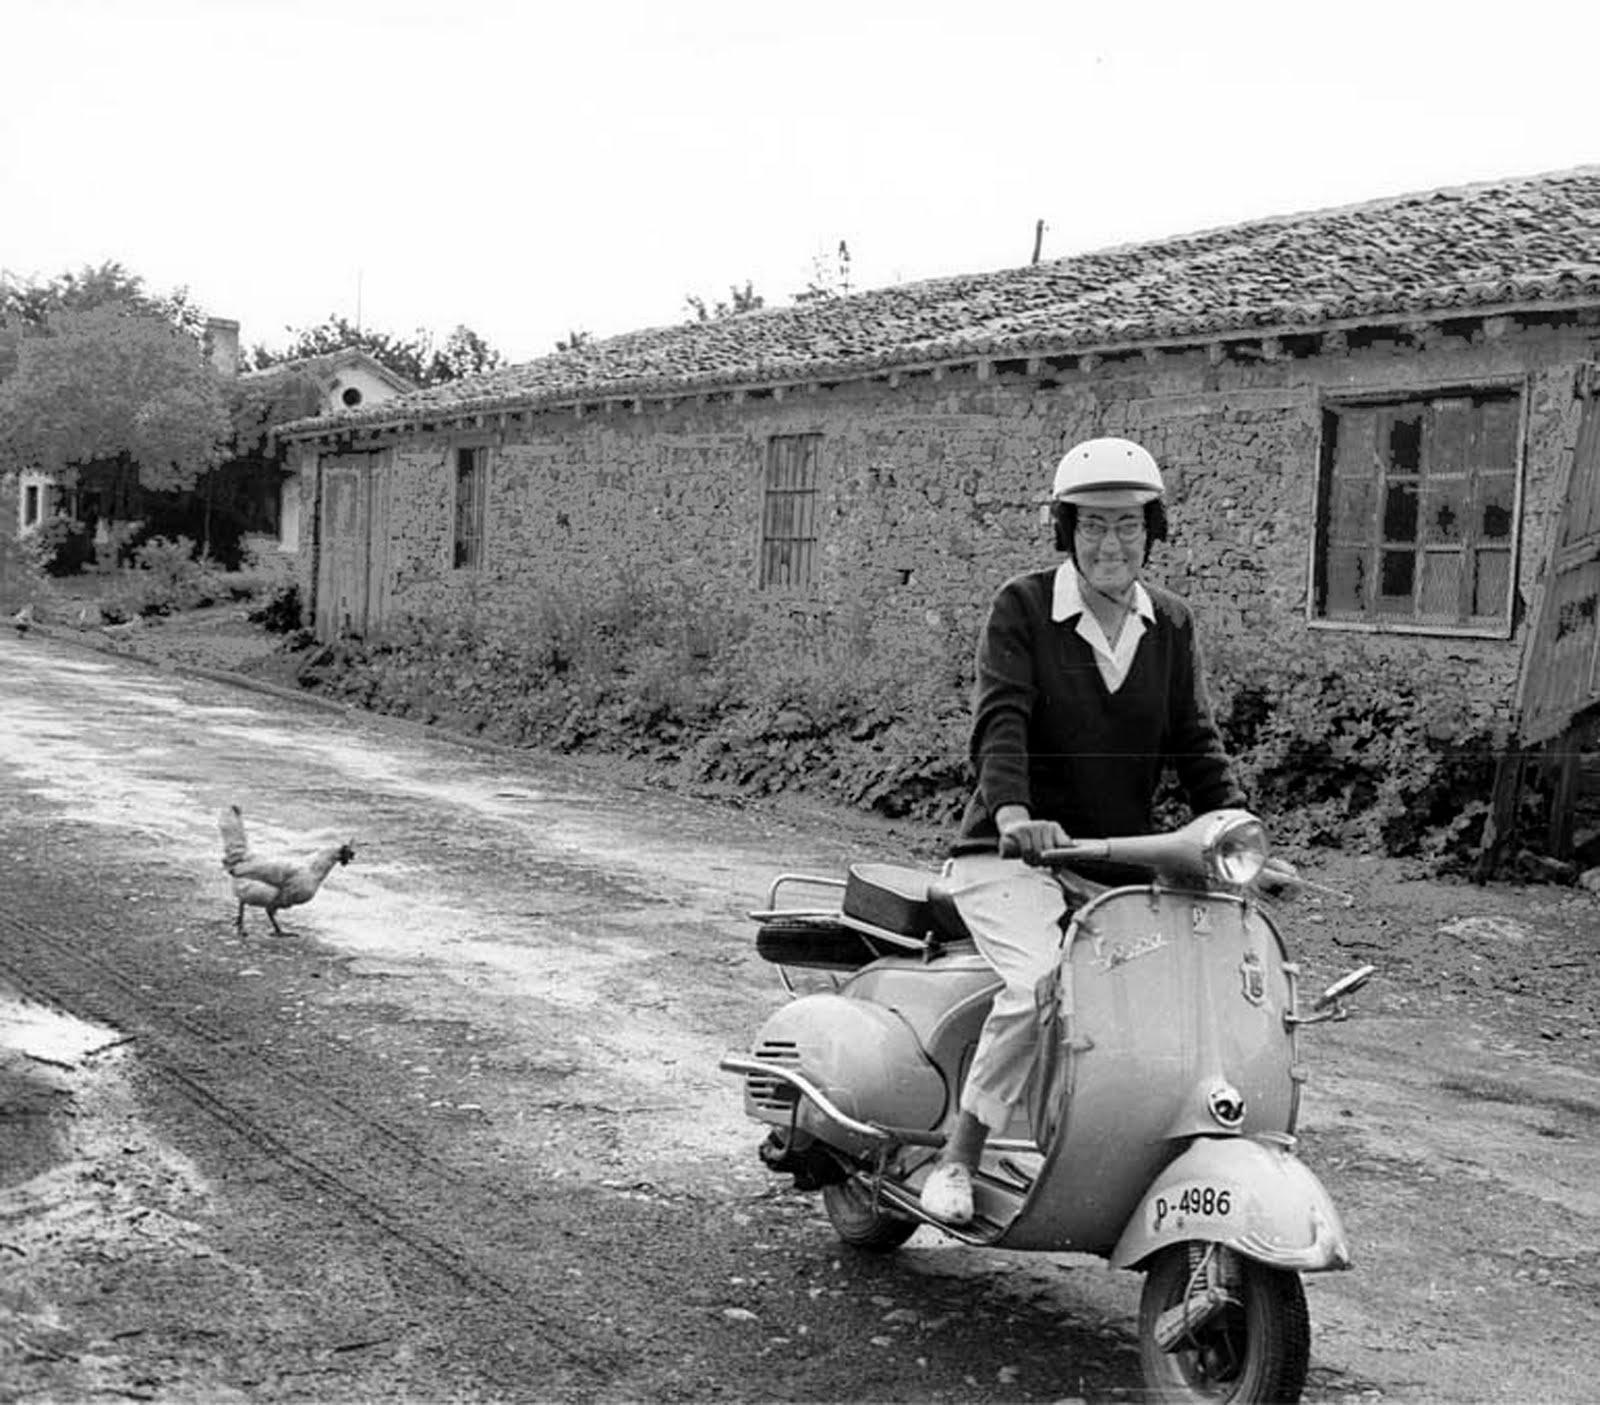 Piedad en moto